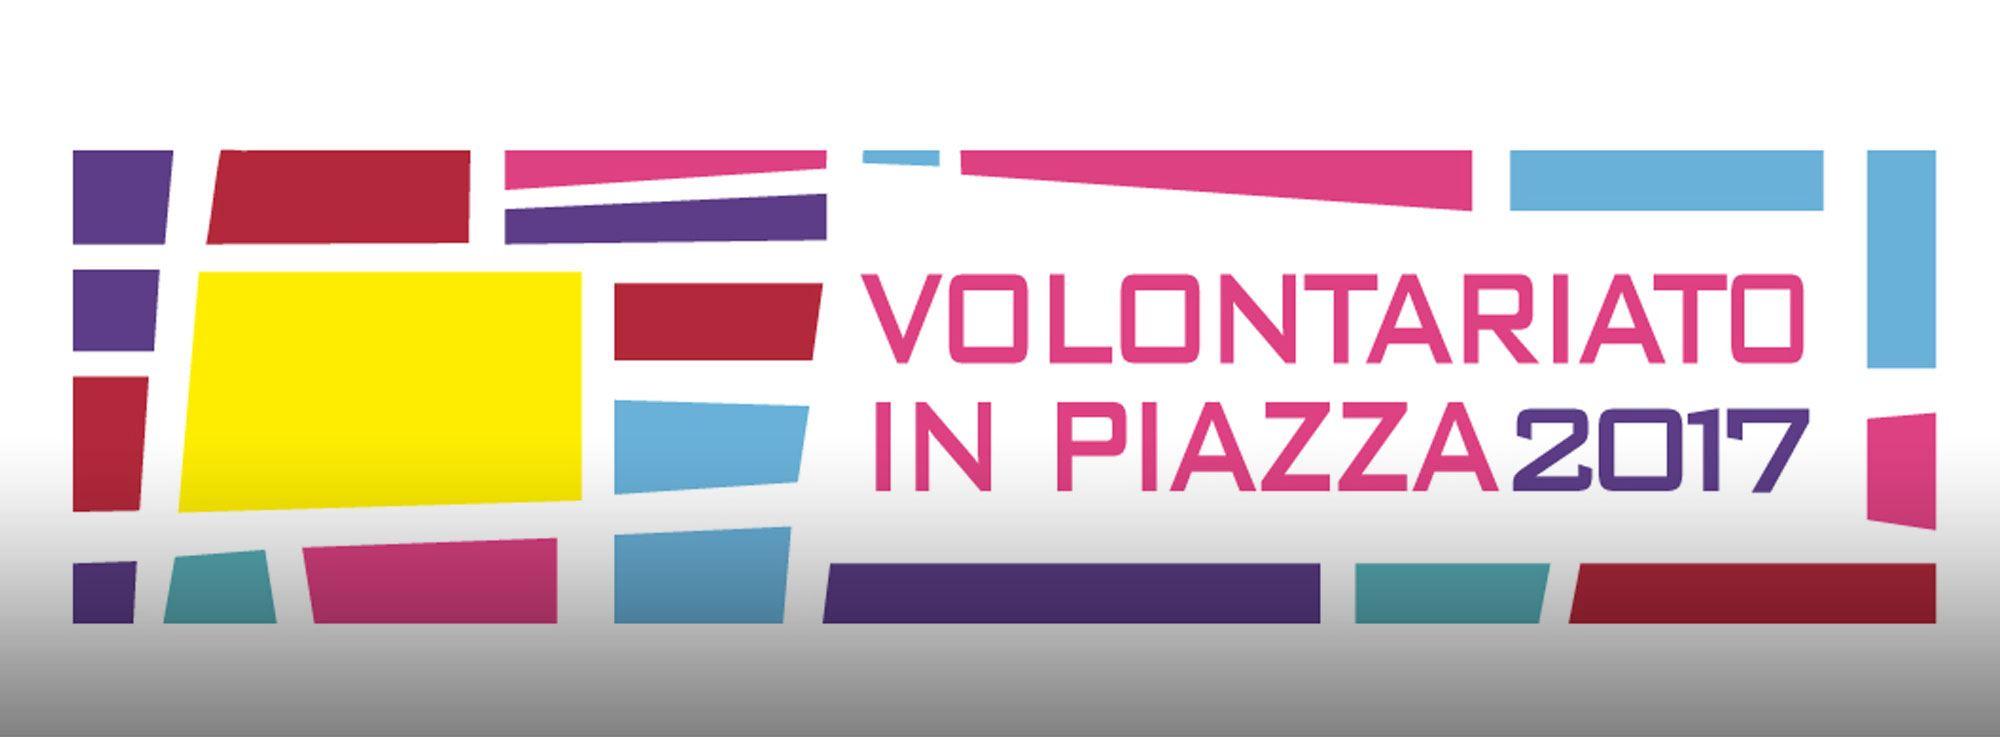 Bari: Volontariato in piazza